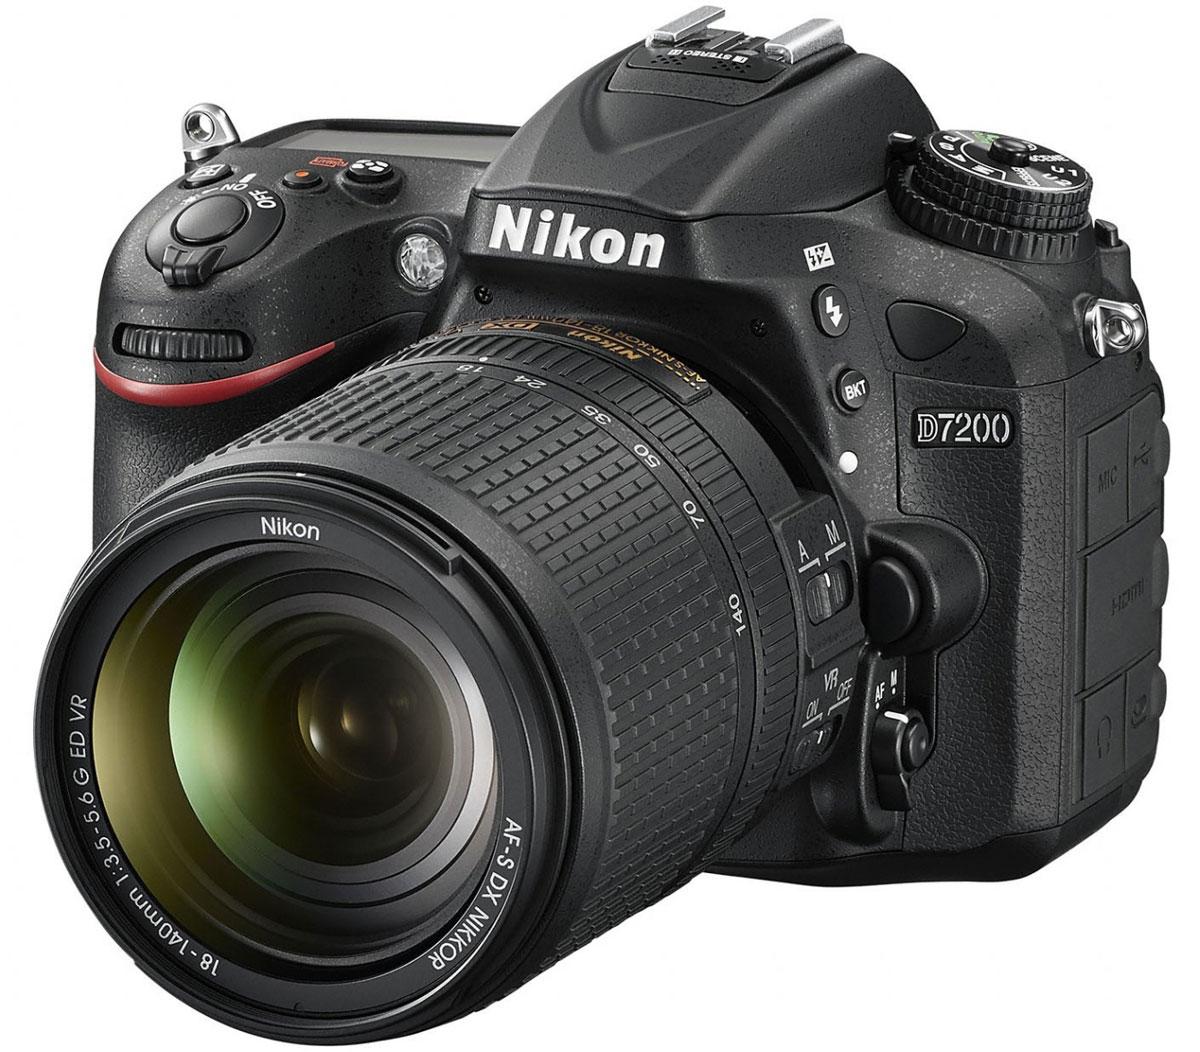 Nikon D7200 Kit 18-140 VR, Black цифровая зеркальная фотокамера - Зеркальные фотоаппараты